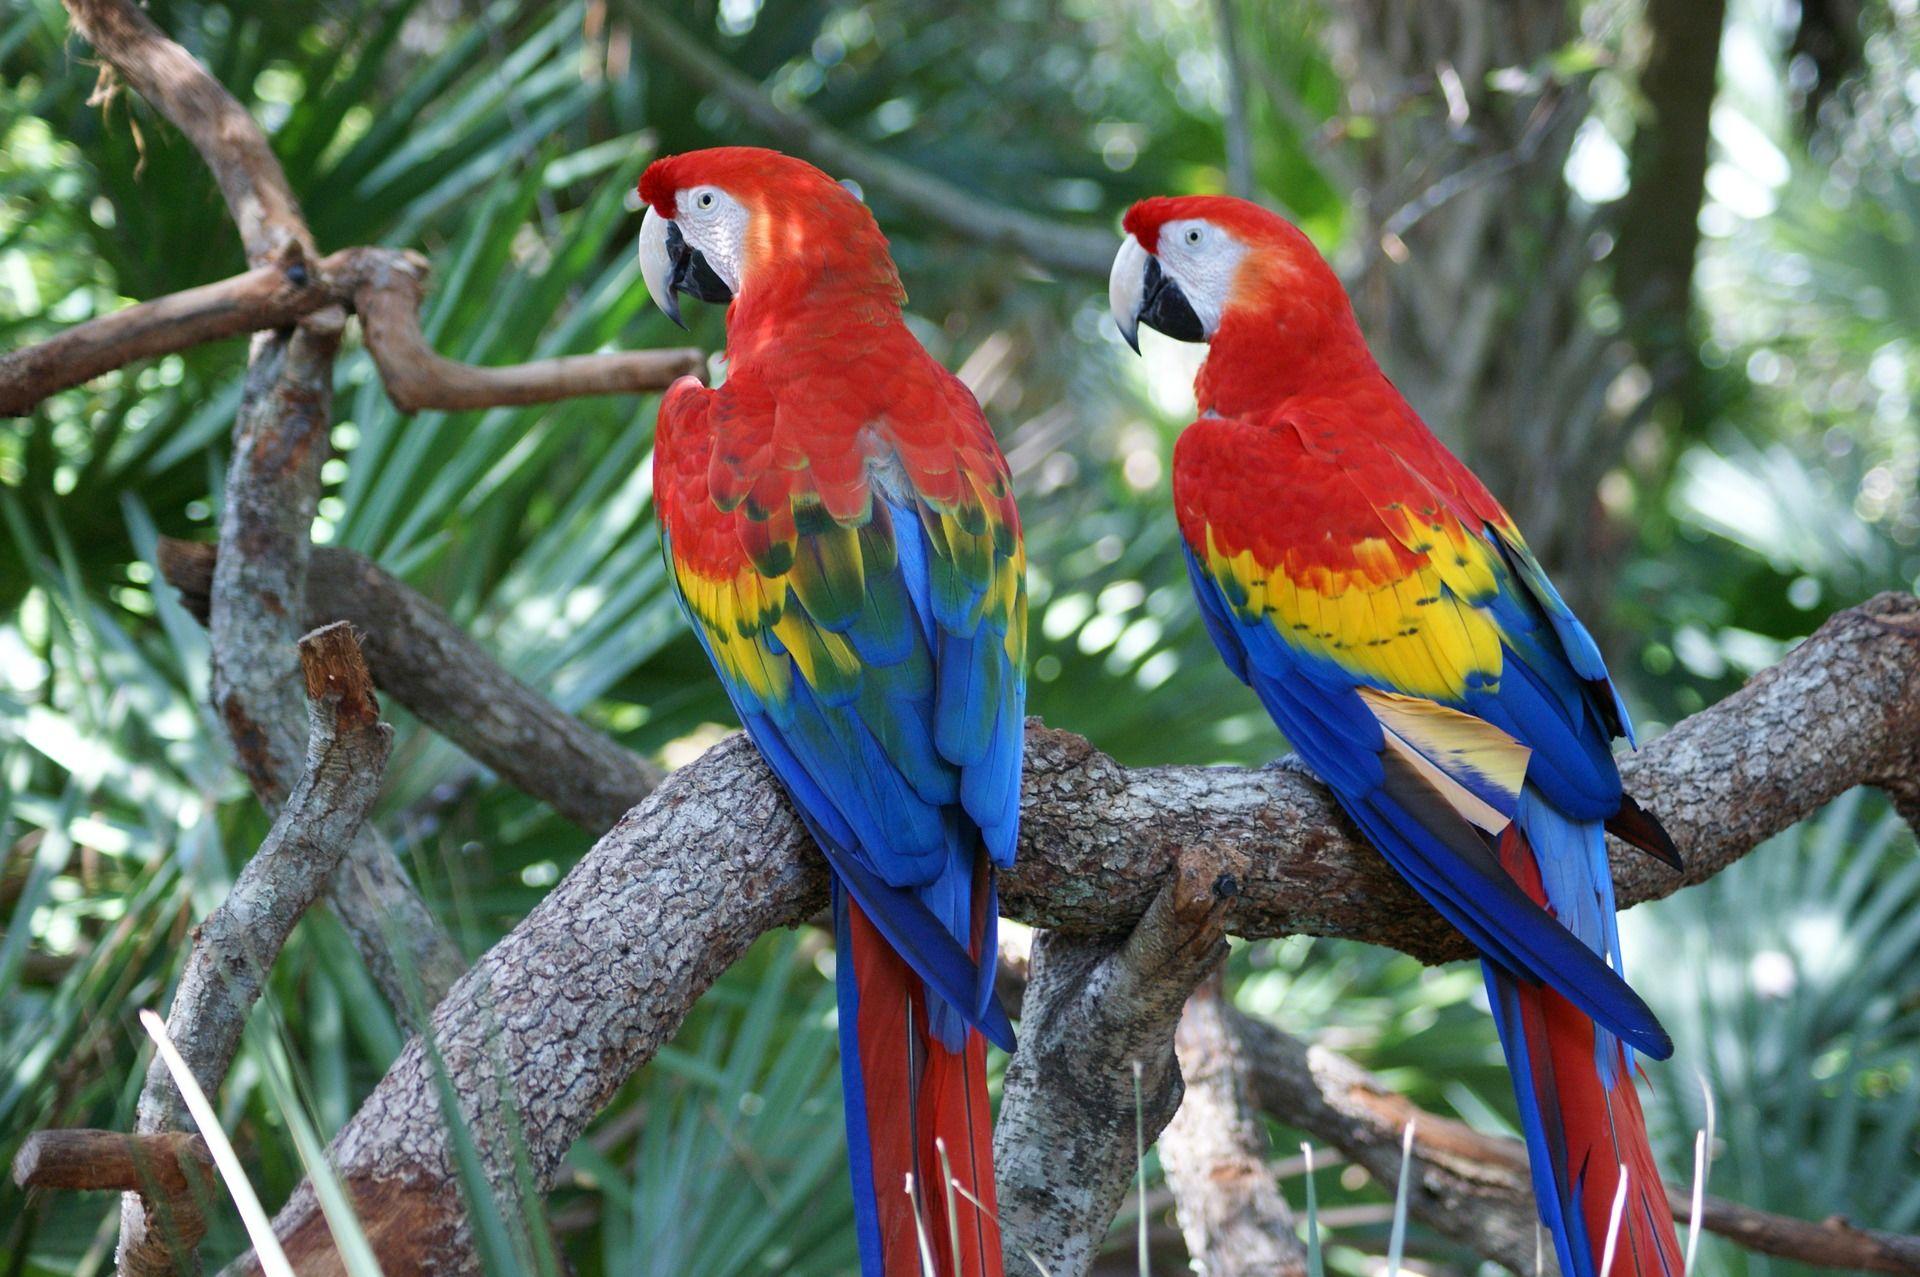 Скачать онлайн бесплатно красивое фото красного домашнего попугая